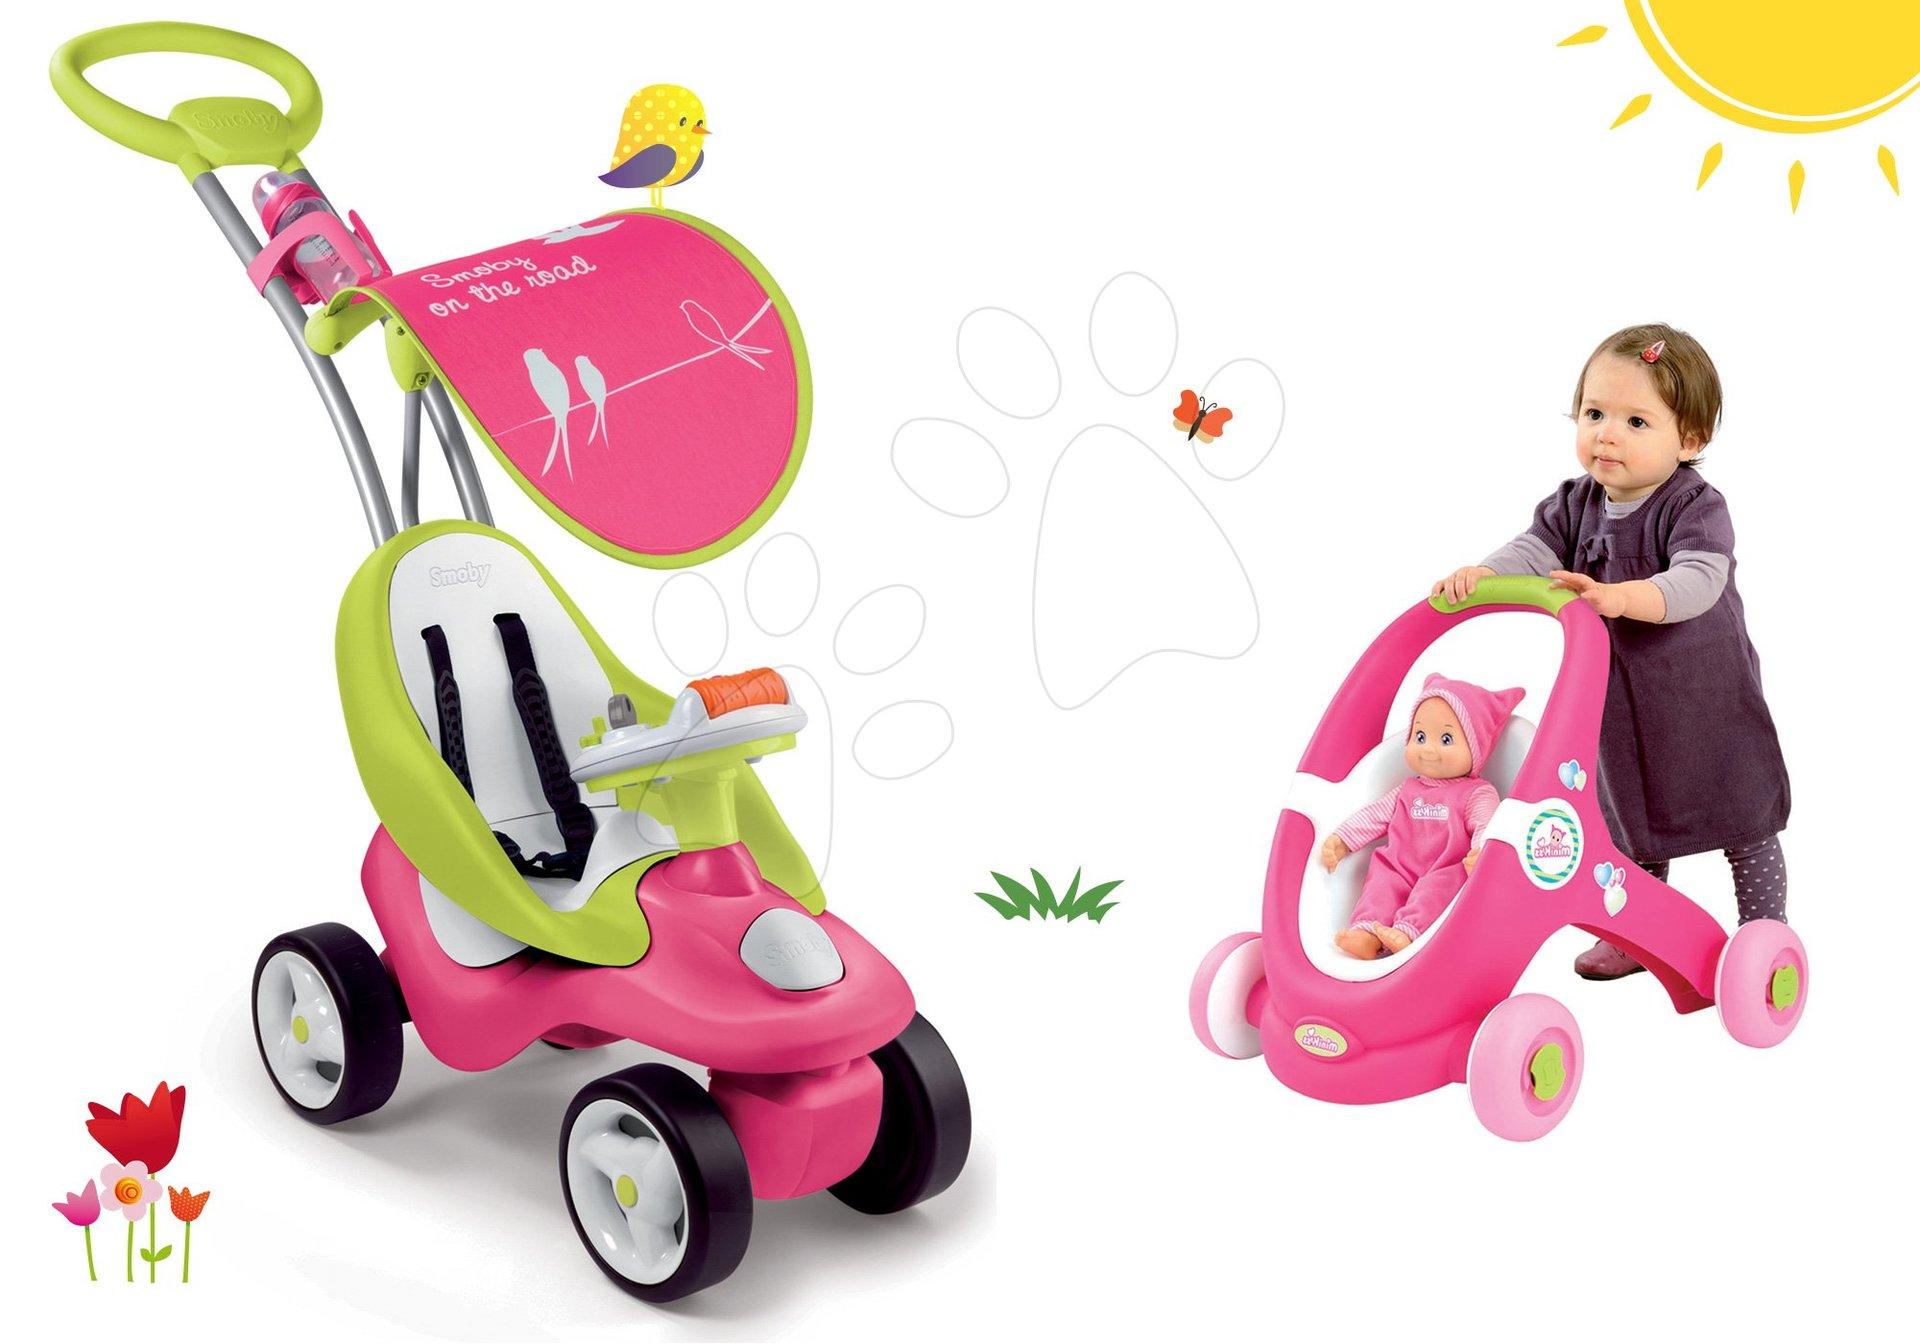 Set odrážedlo a chodítko Bubble Go Smoby a kočárek pro panenku MiniKiss růžové od 6 měsíců